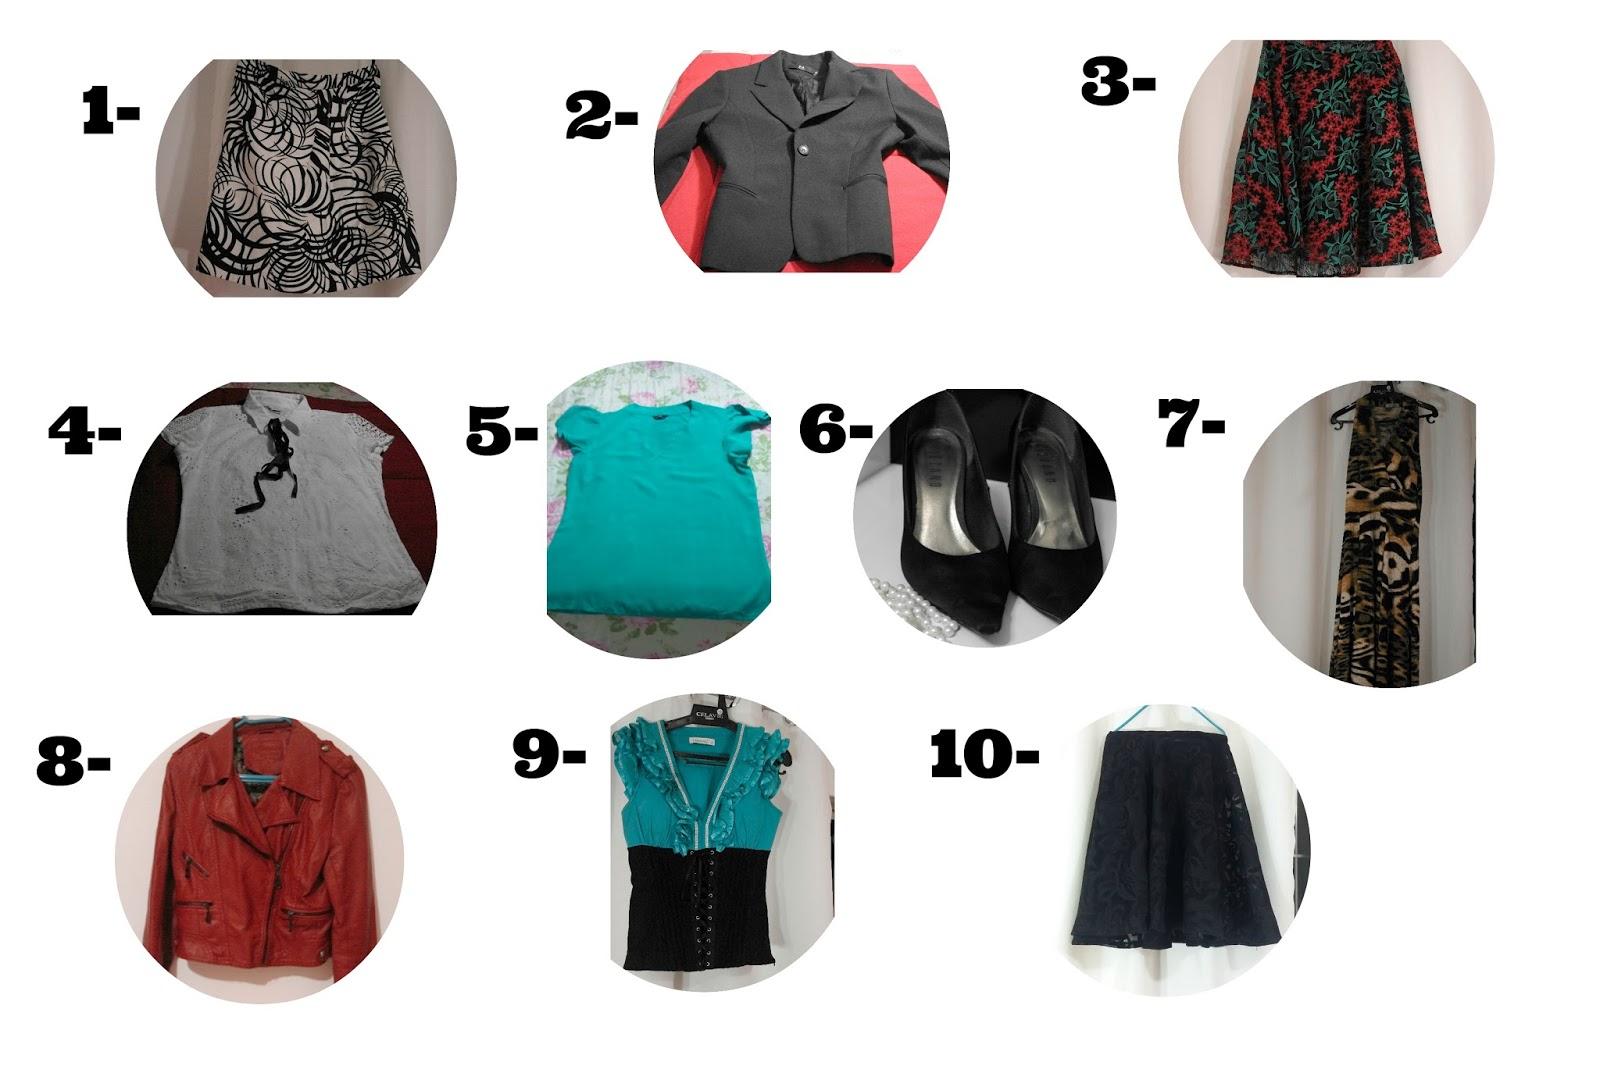 Desafio 10x10 Jaqueta Vermelha e Saia Midi blog estilo modas e manias